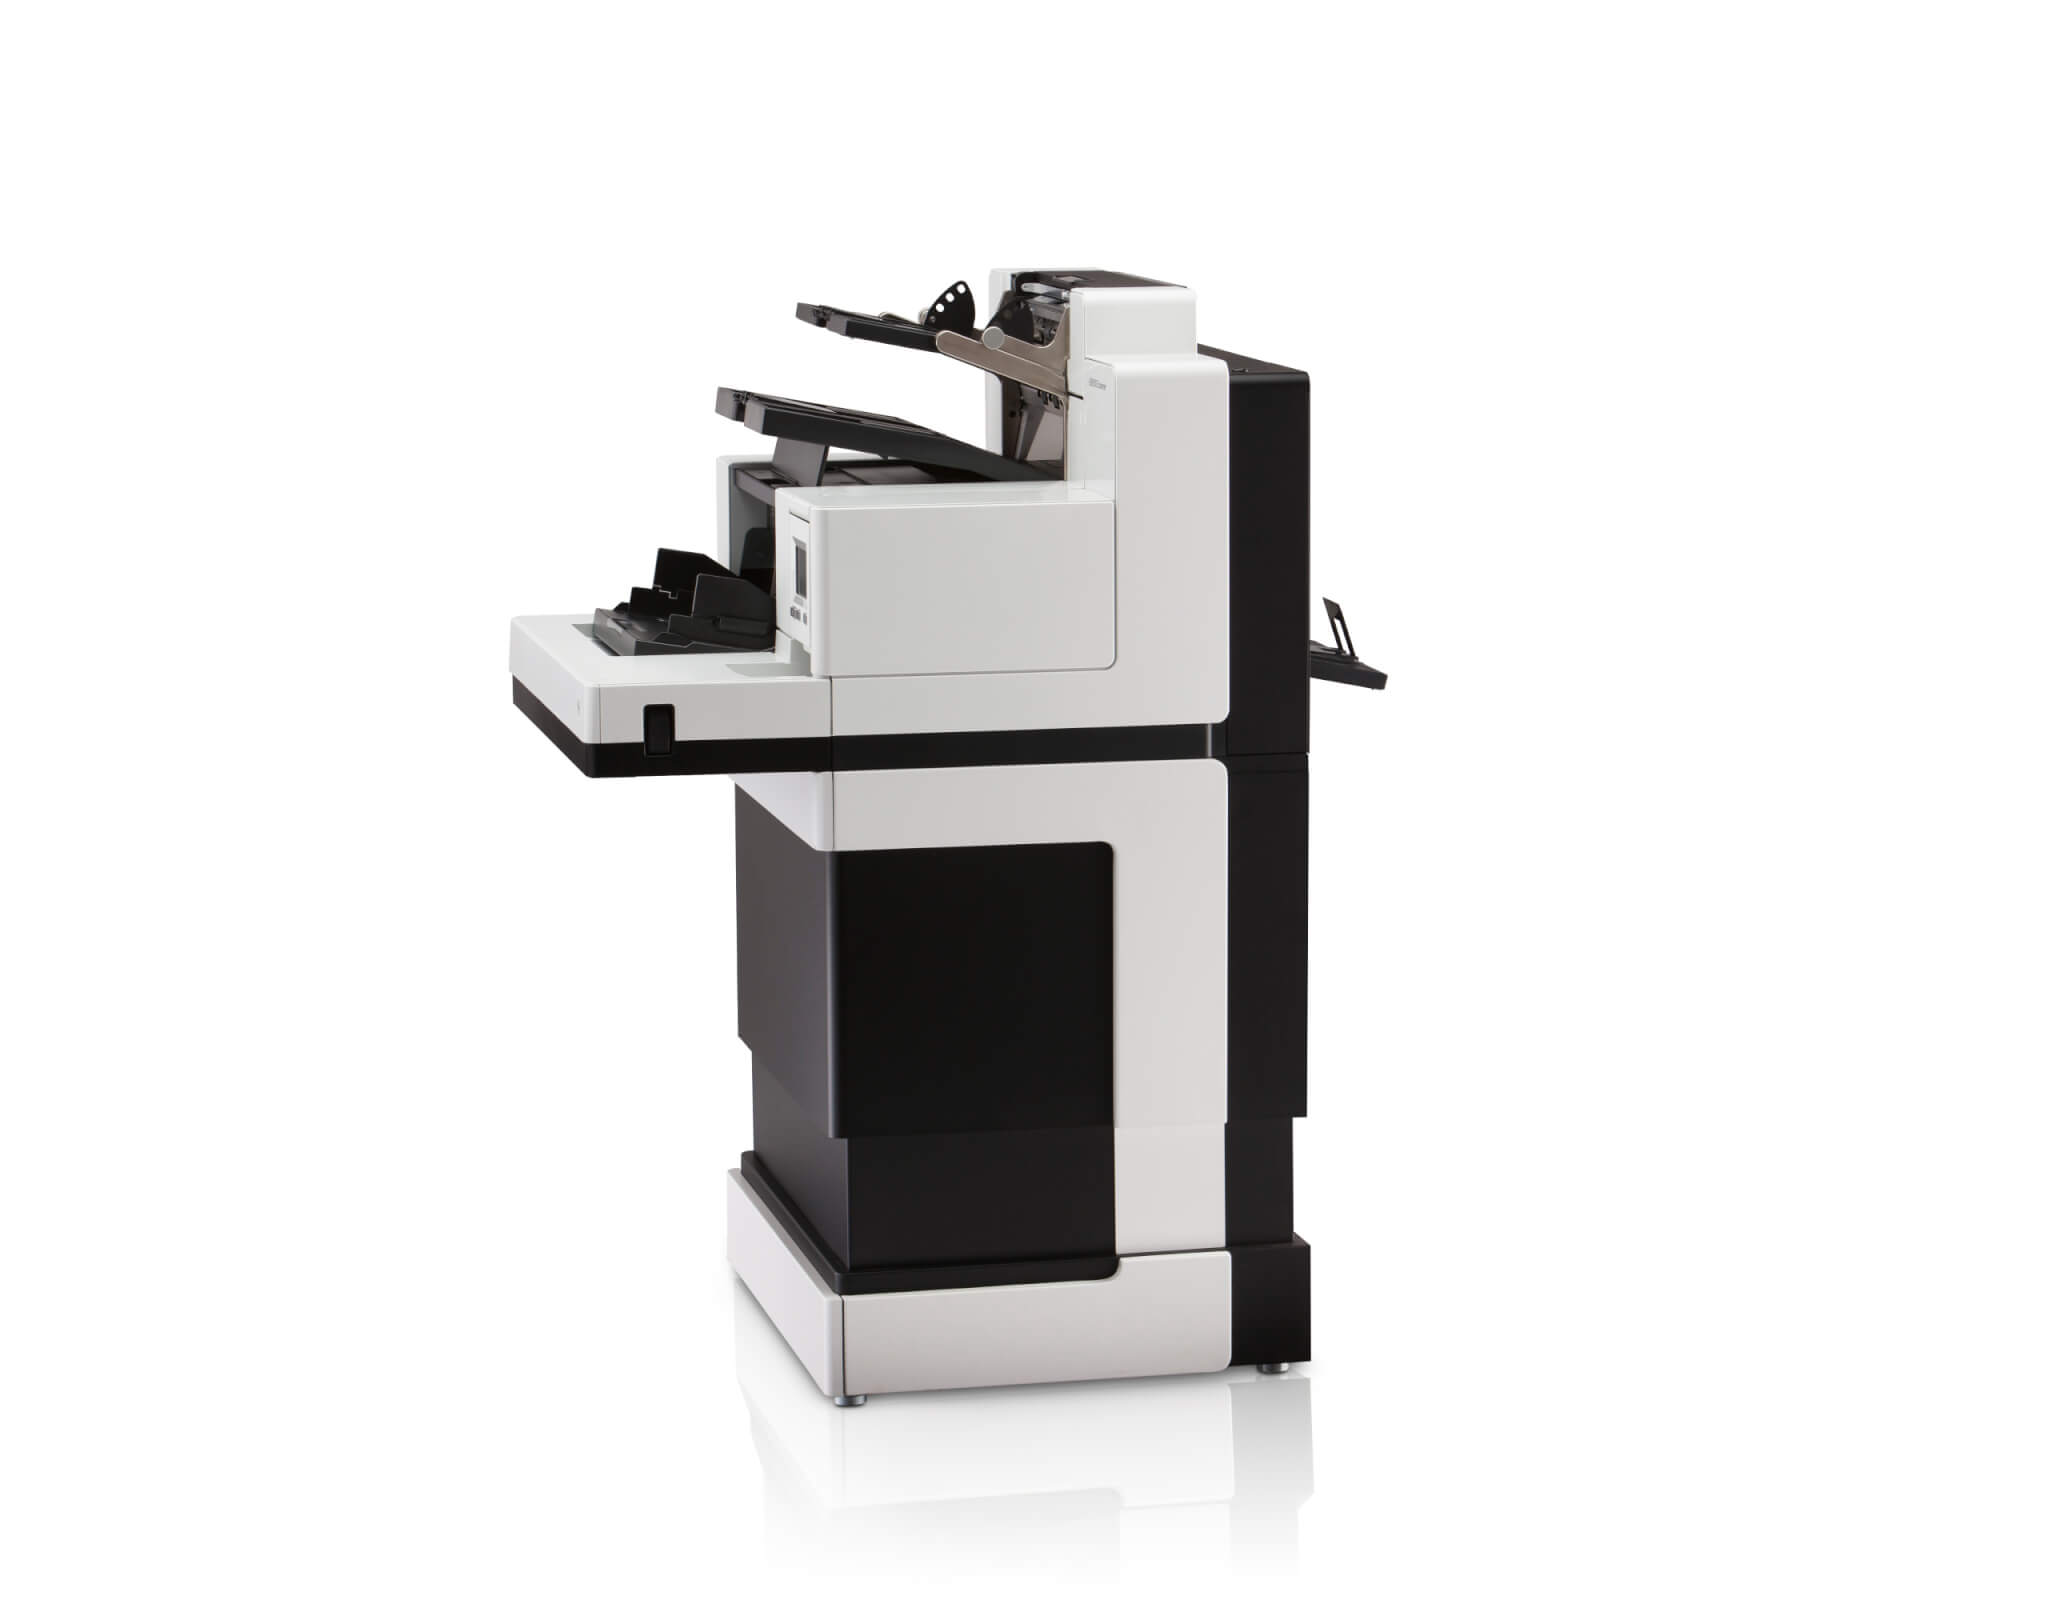 100+ Kodak Scanners Support – yasminroohi